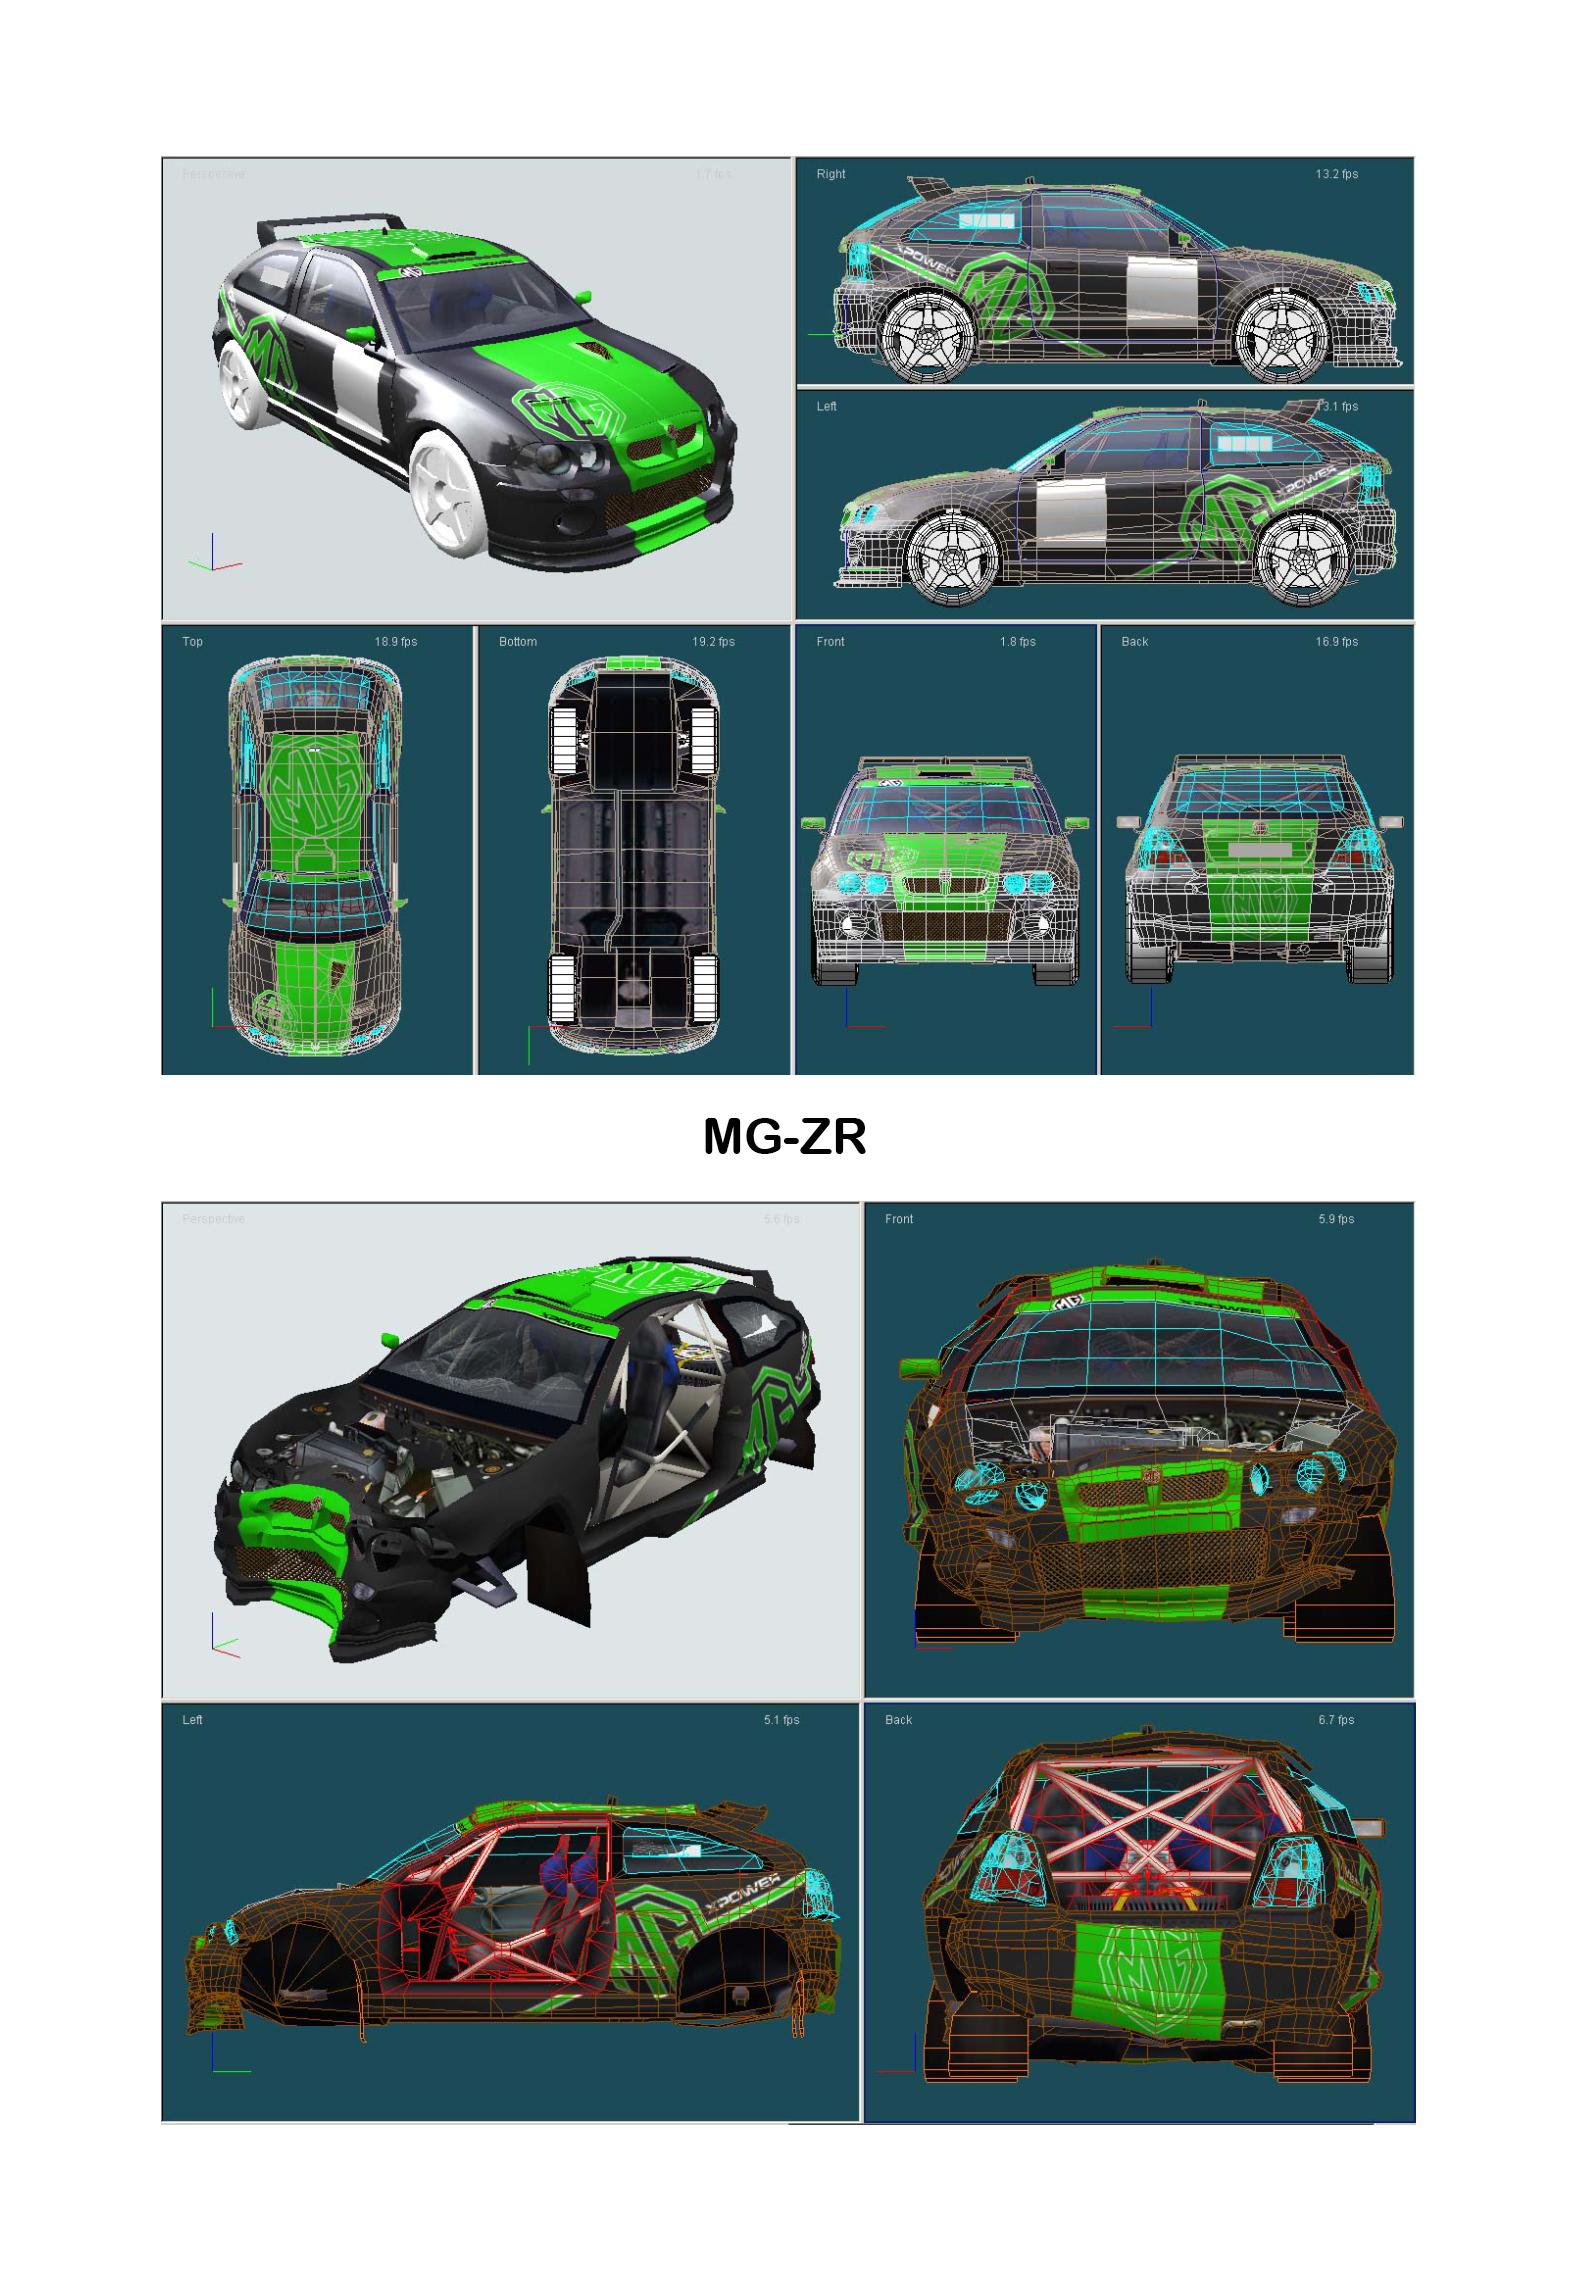 2002_V-Rally-3_F.Beudin_MG-ZR